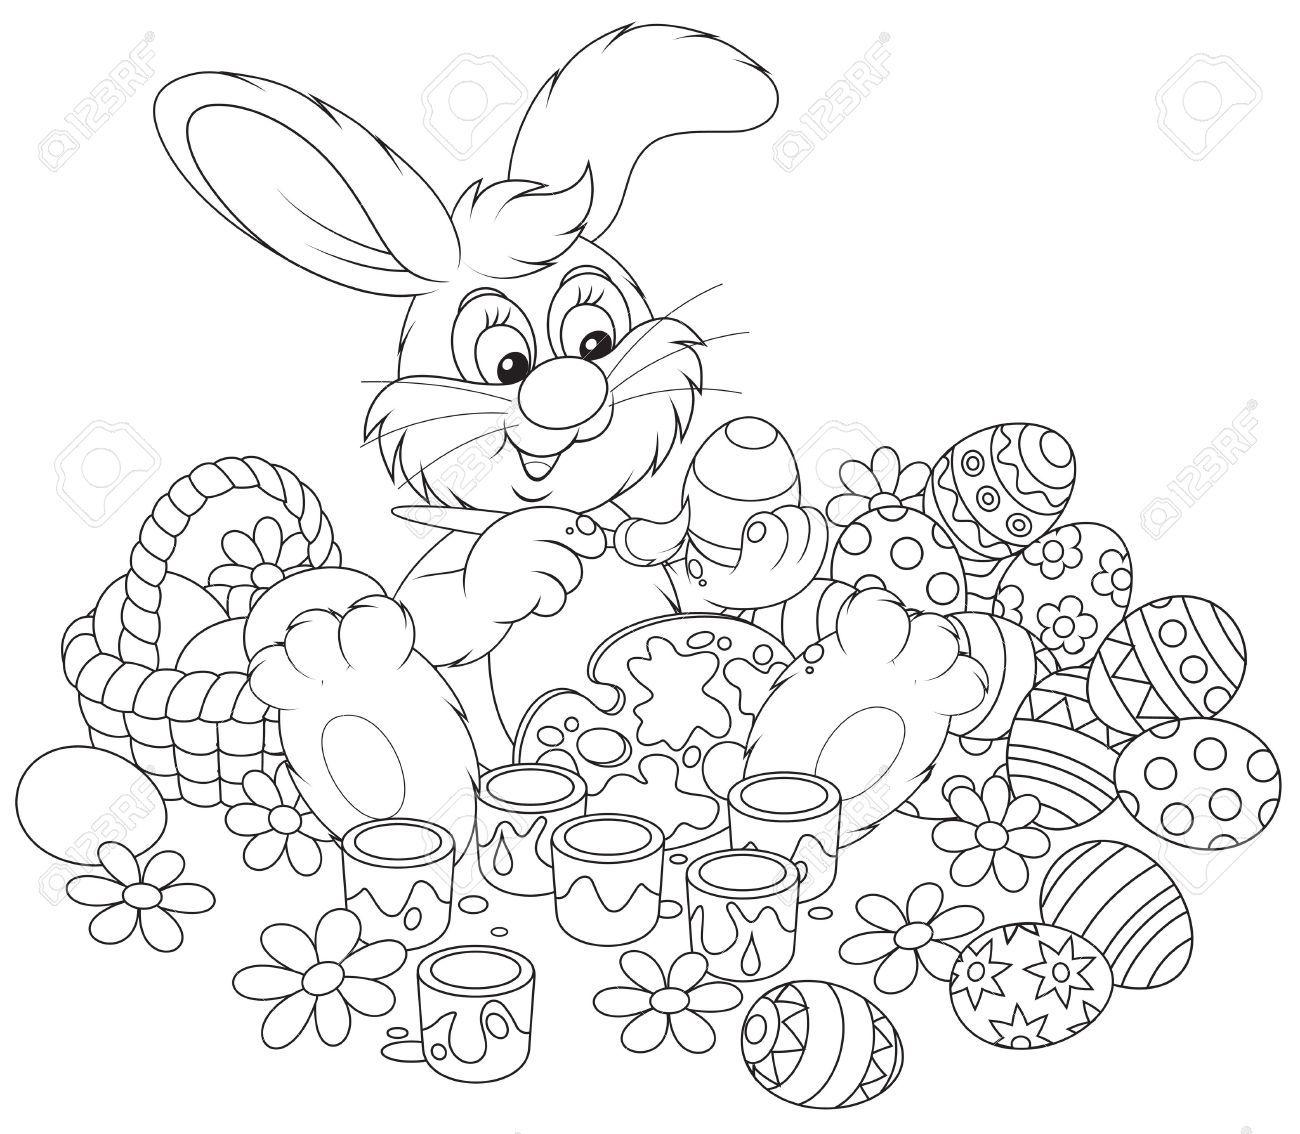 Épinglé par Brooke Hoffman sur B&W Easter egg DESIGNS  Coloriage